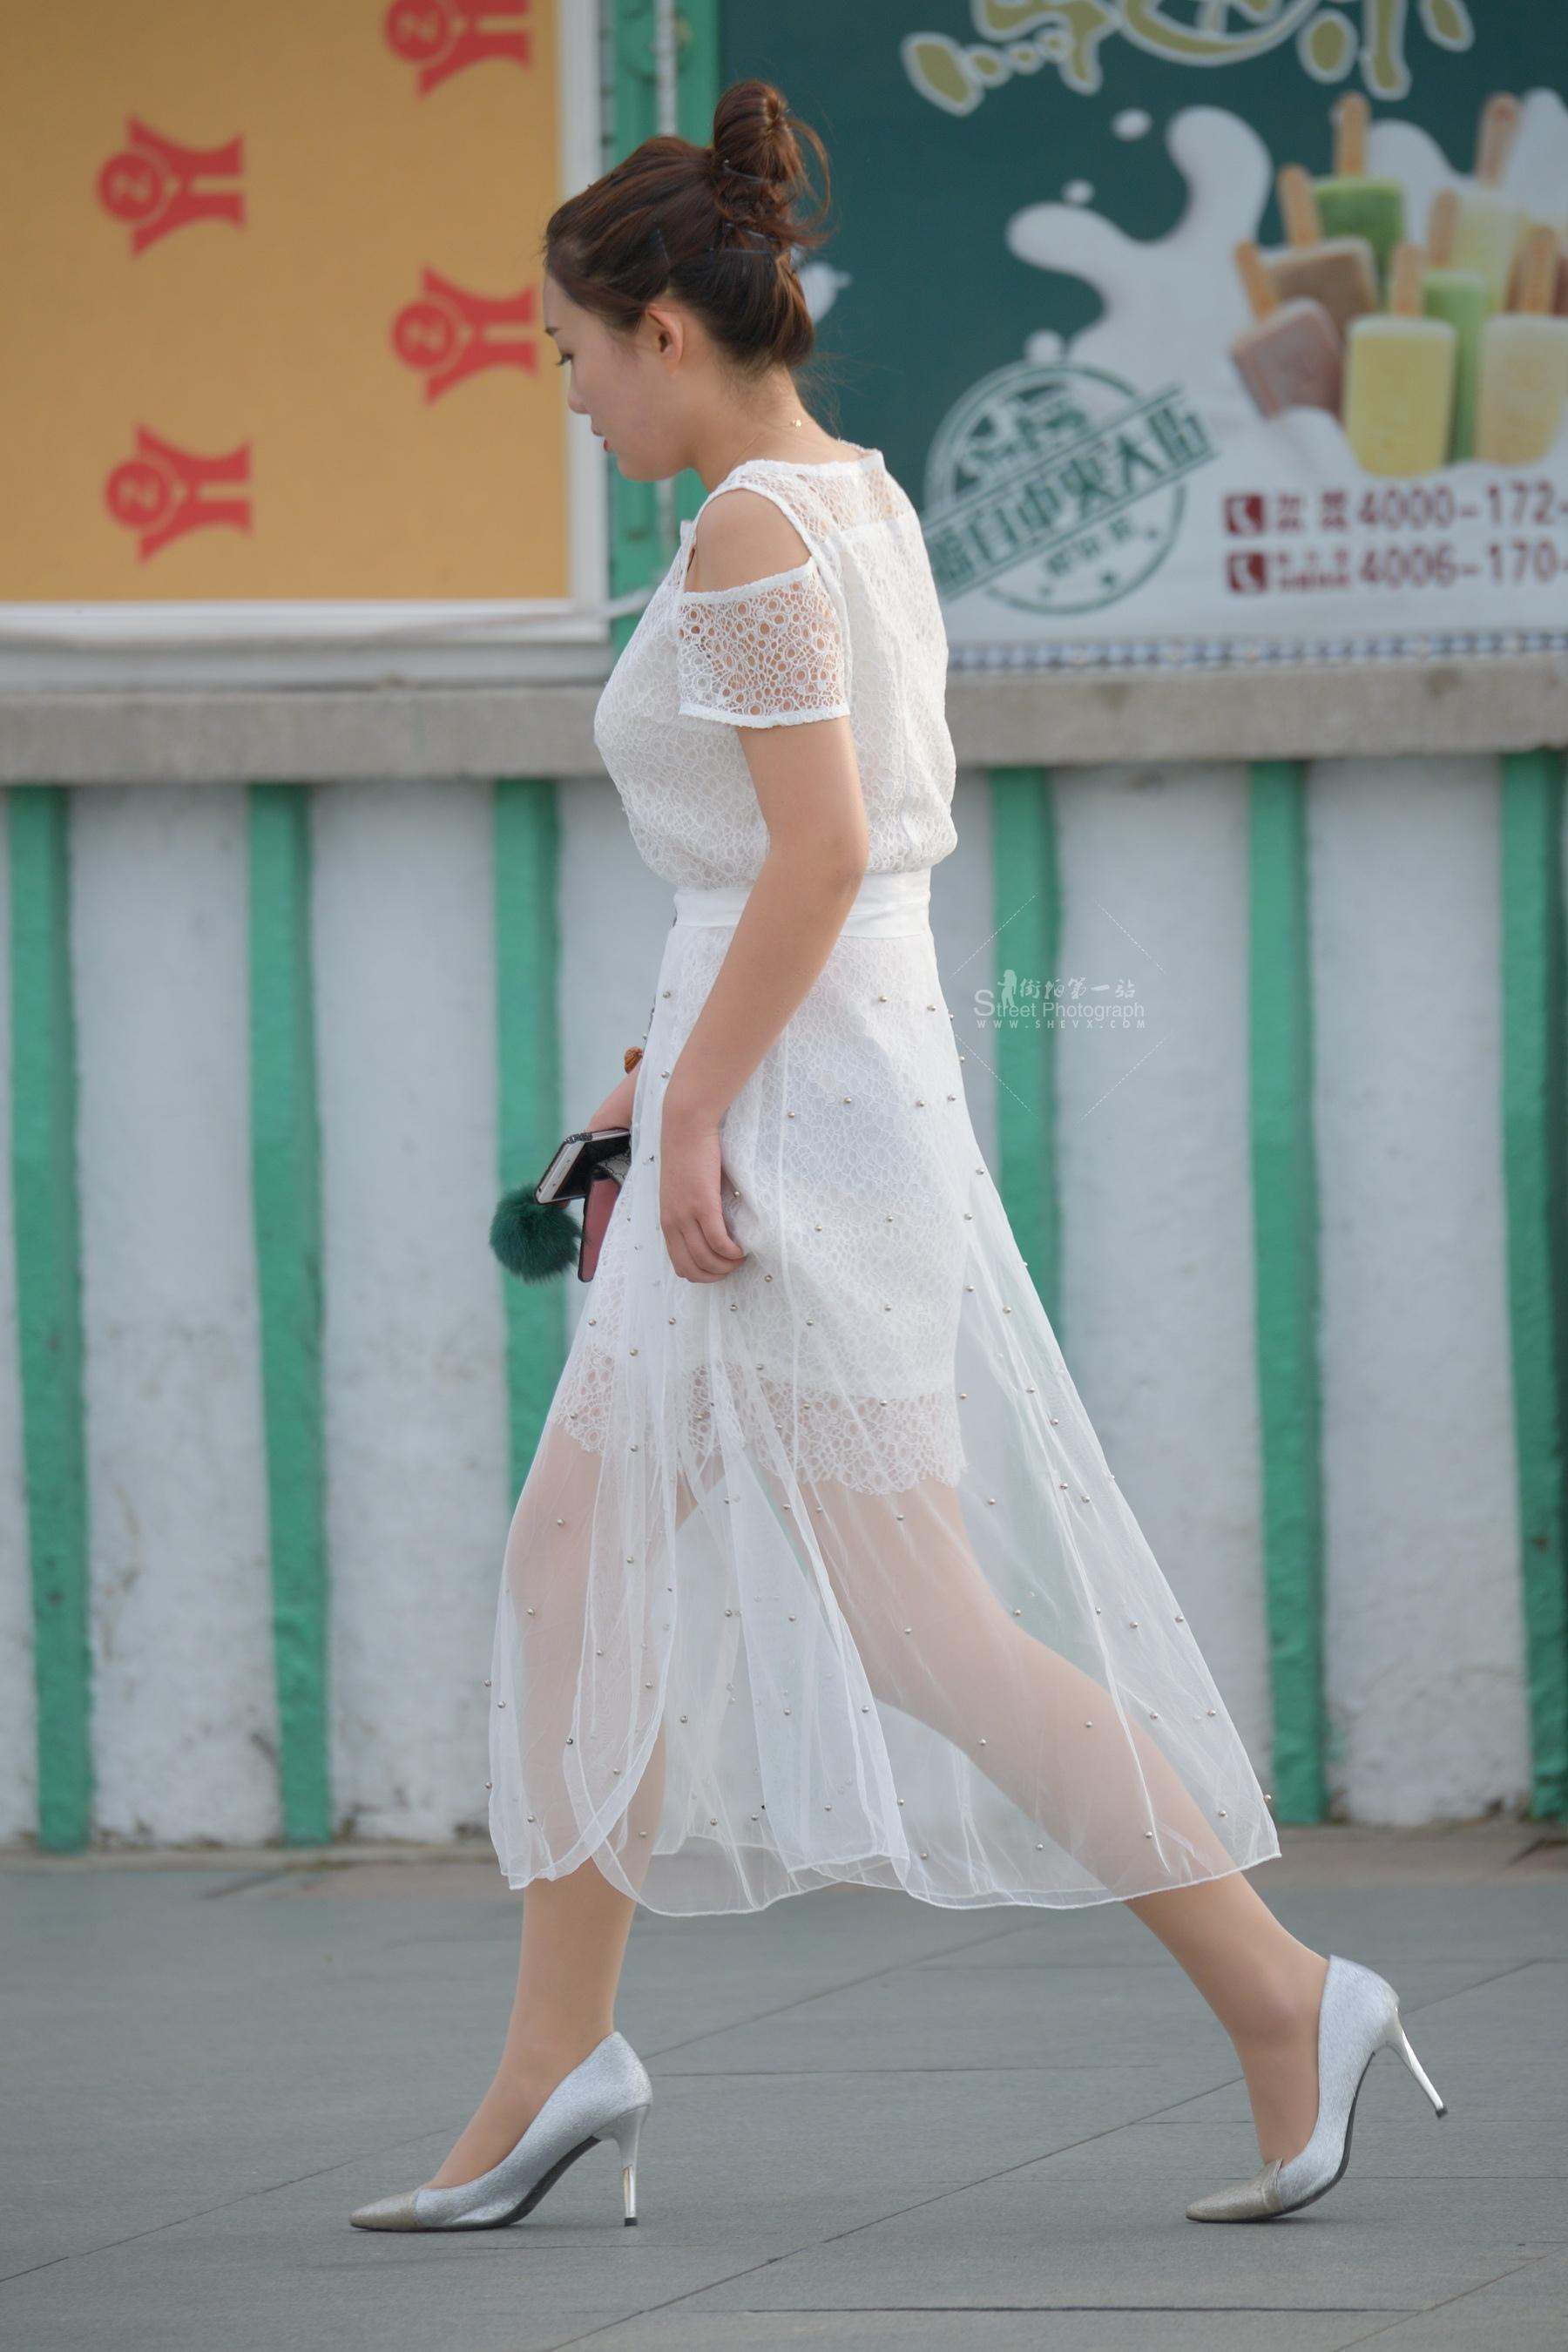 银高跟白裙 肉丝袜